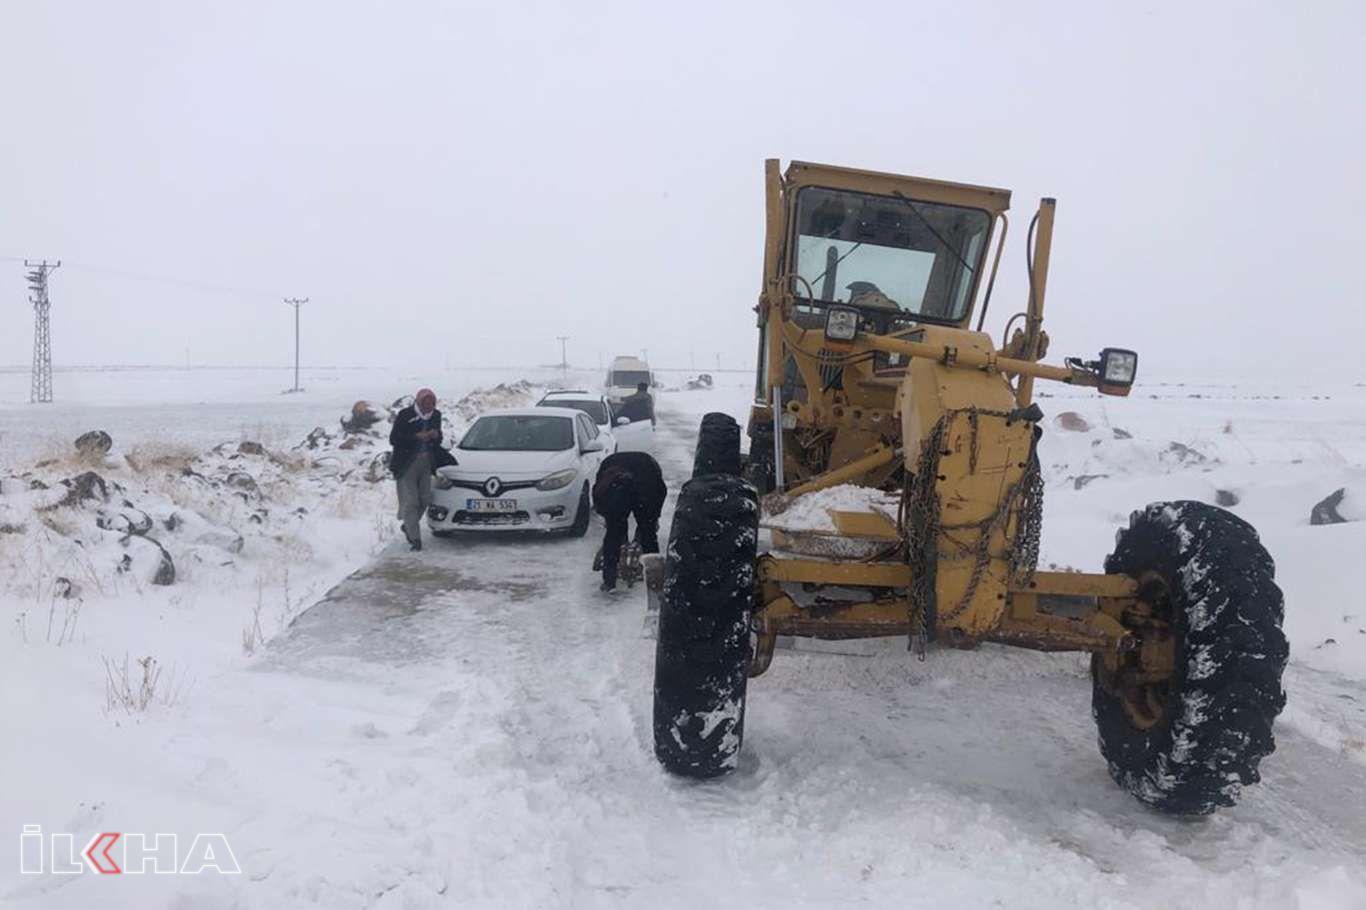 Karda mahsur kalan öğretmenler ekipler tarafından kurtarıldı